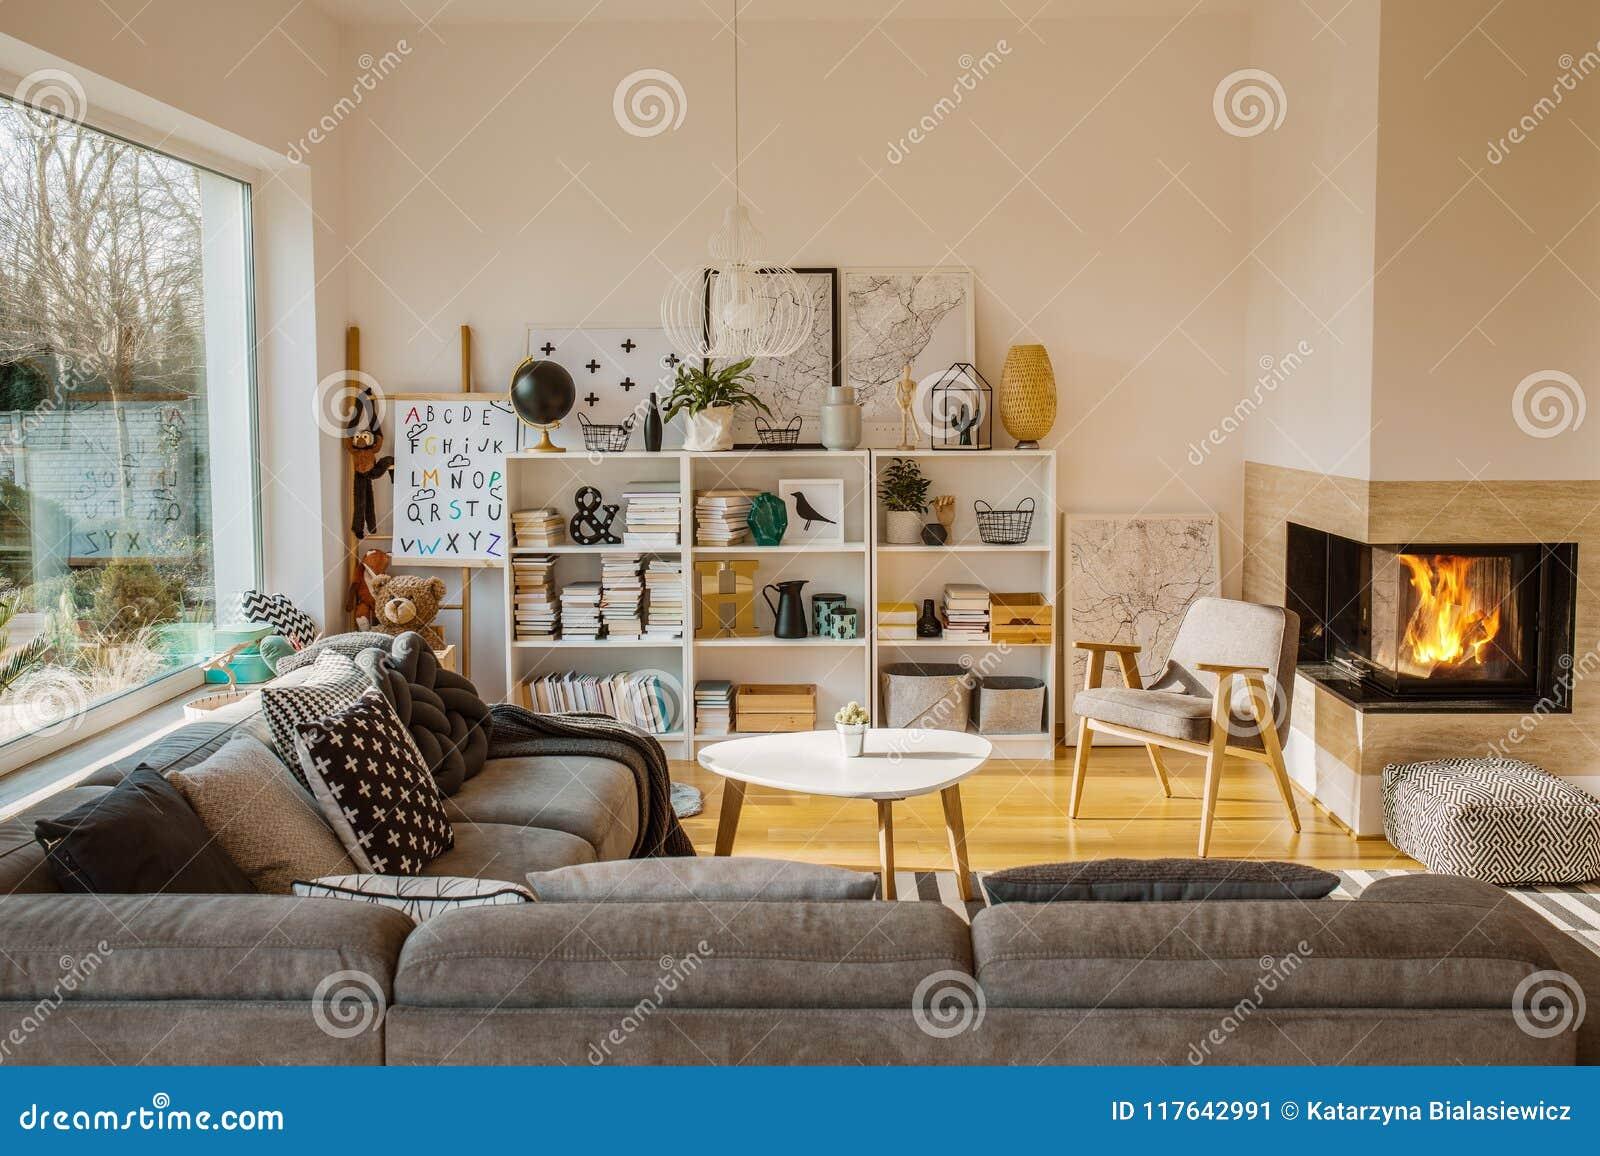 Άσπρο Σκανδιναβικό εσωτερικό καθιστικών με την εστία, αφίσες,